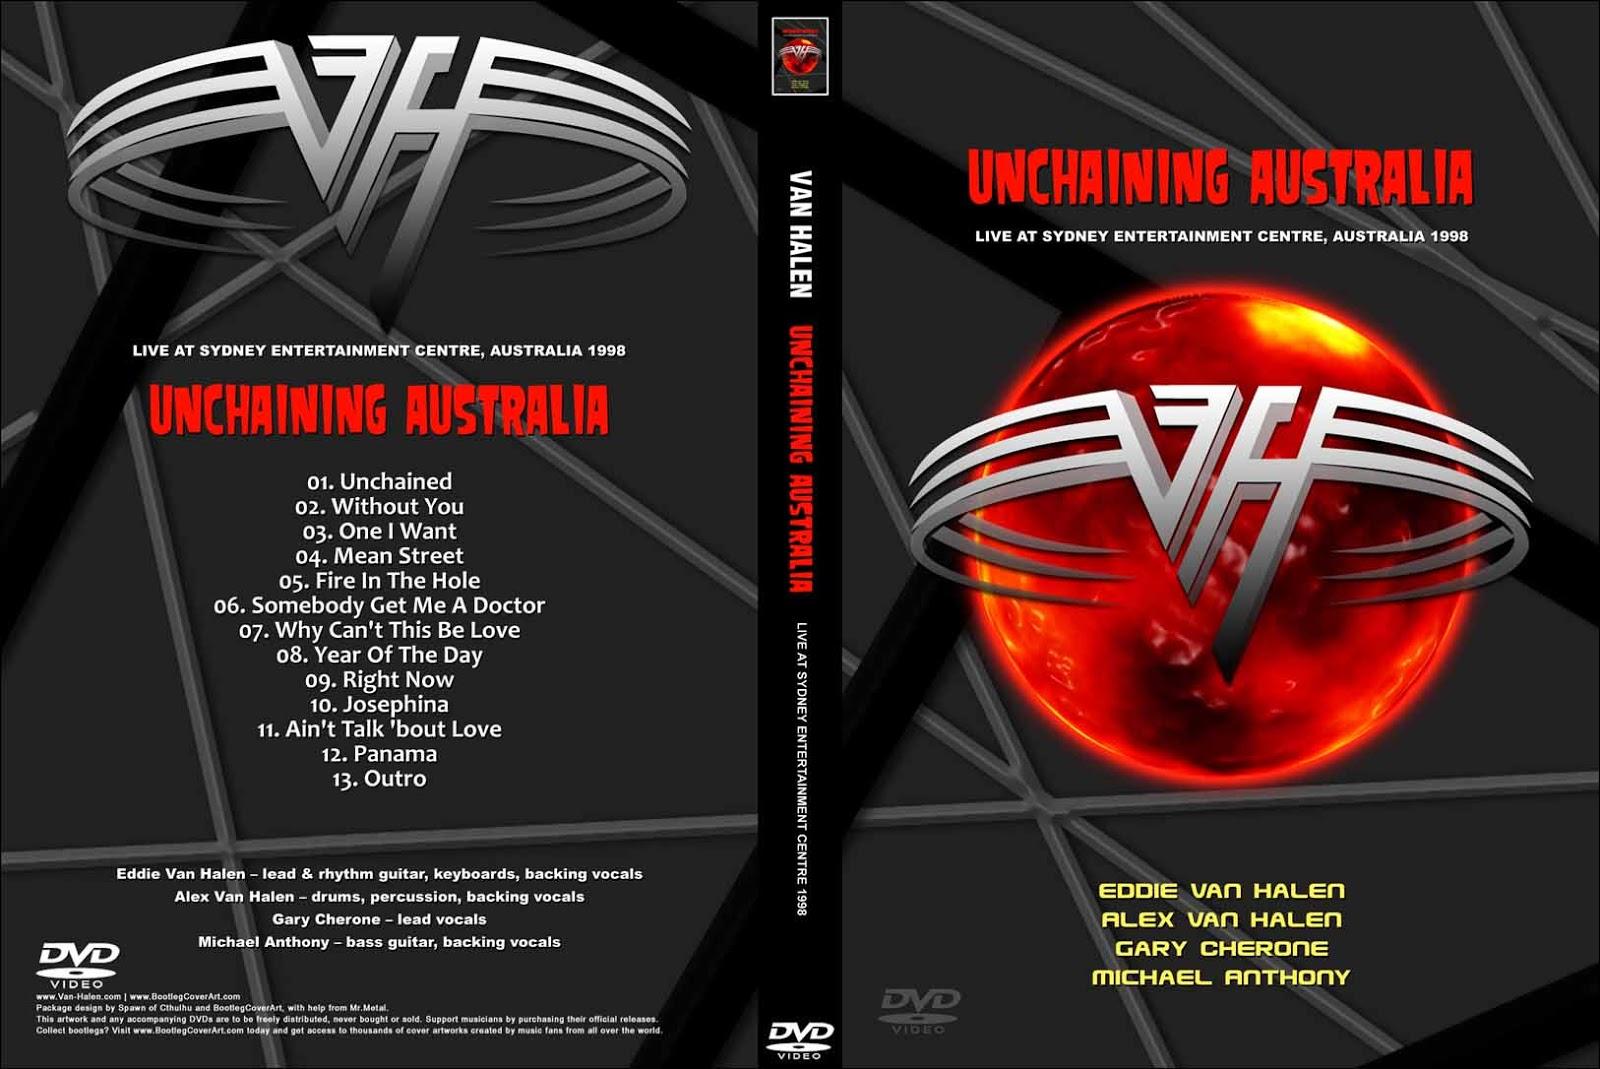 Van Halen Iii Live Van Halen Iii Sydney